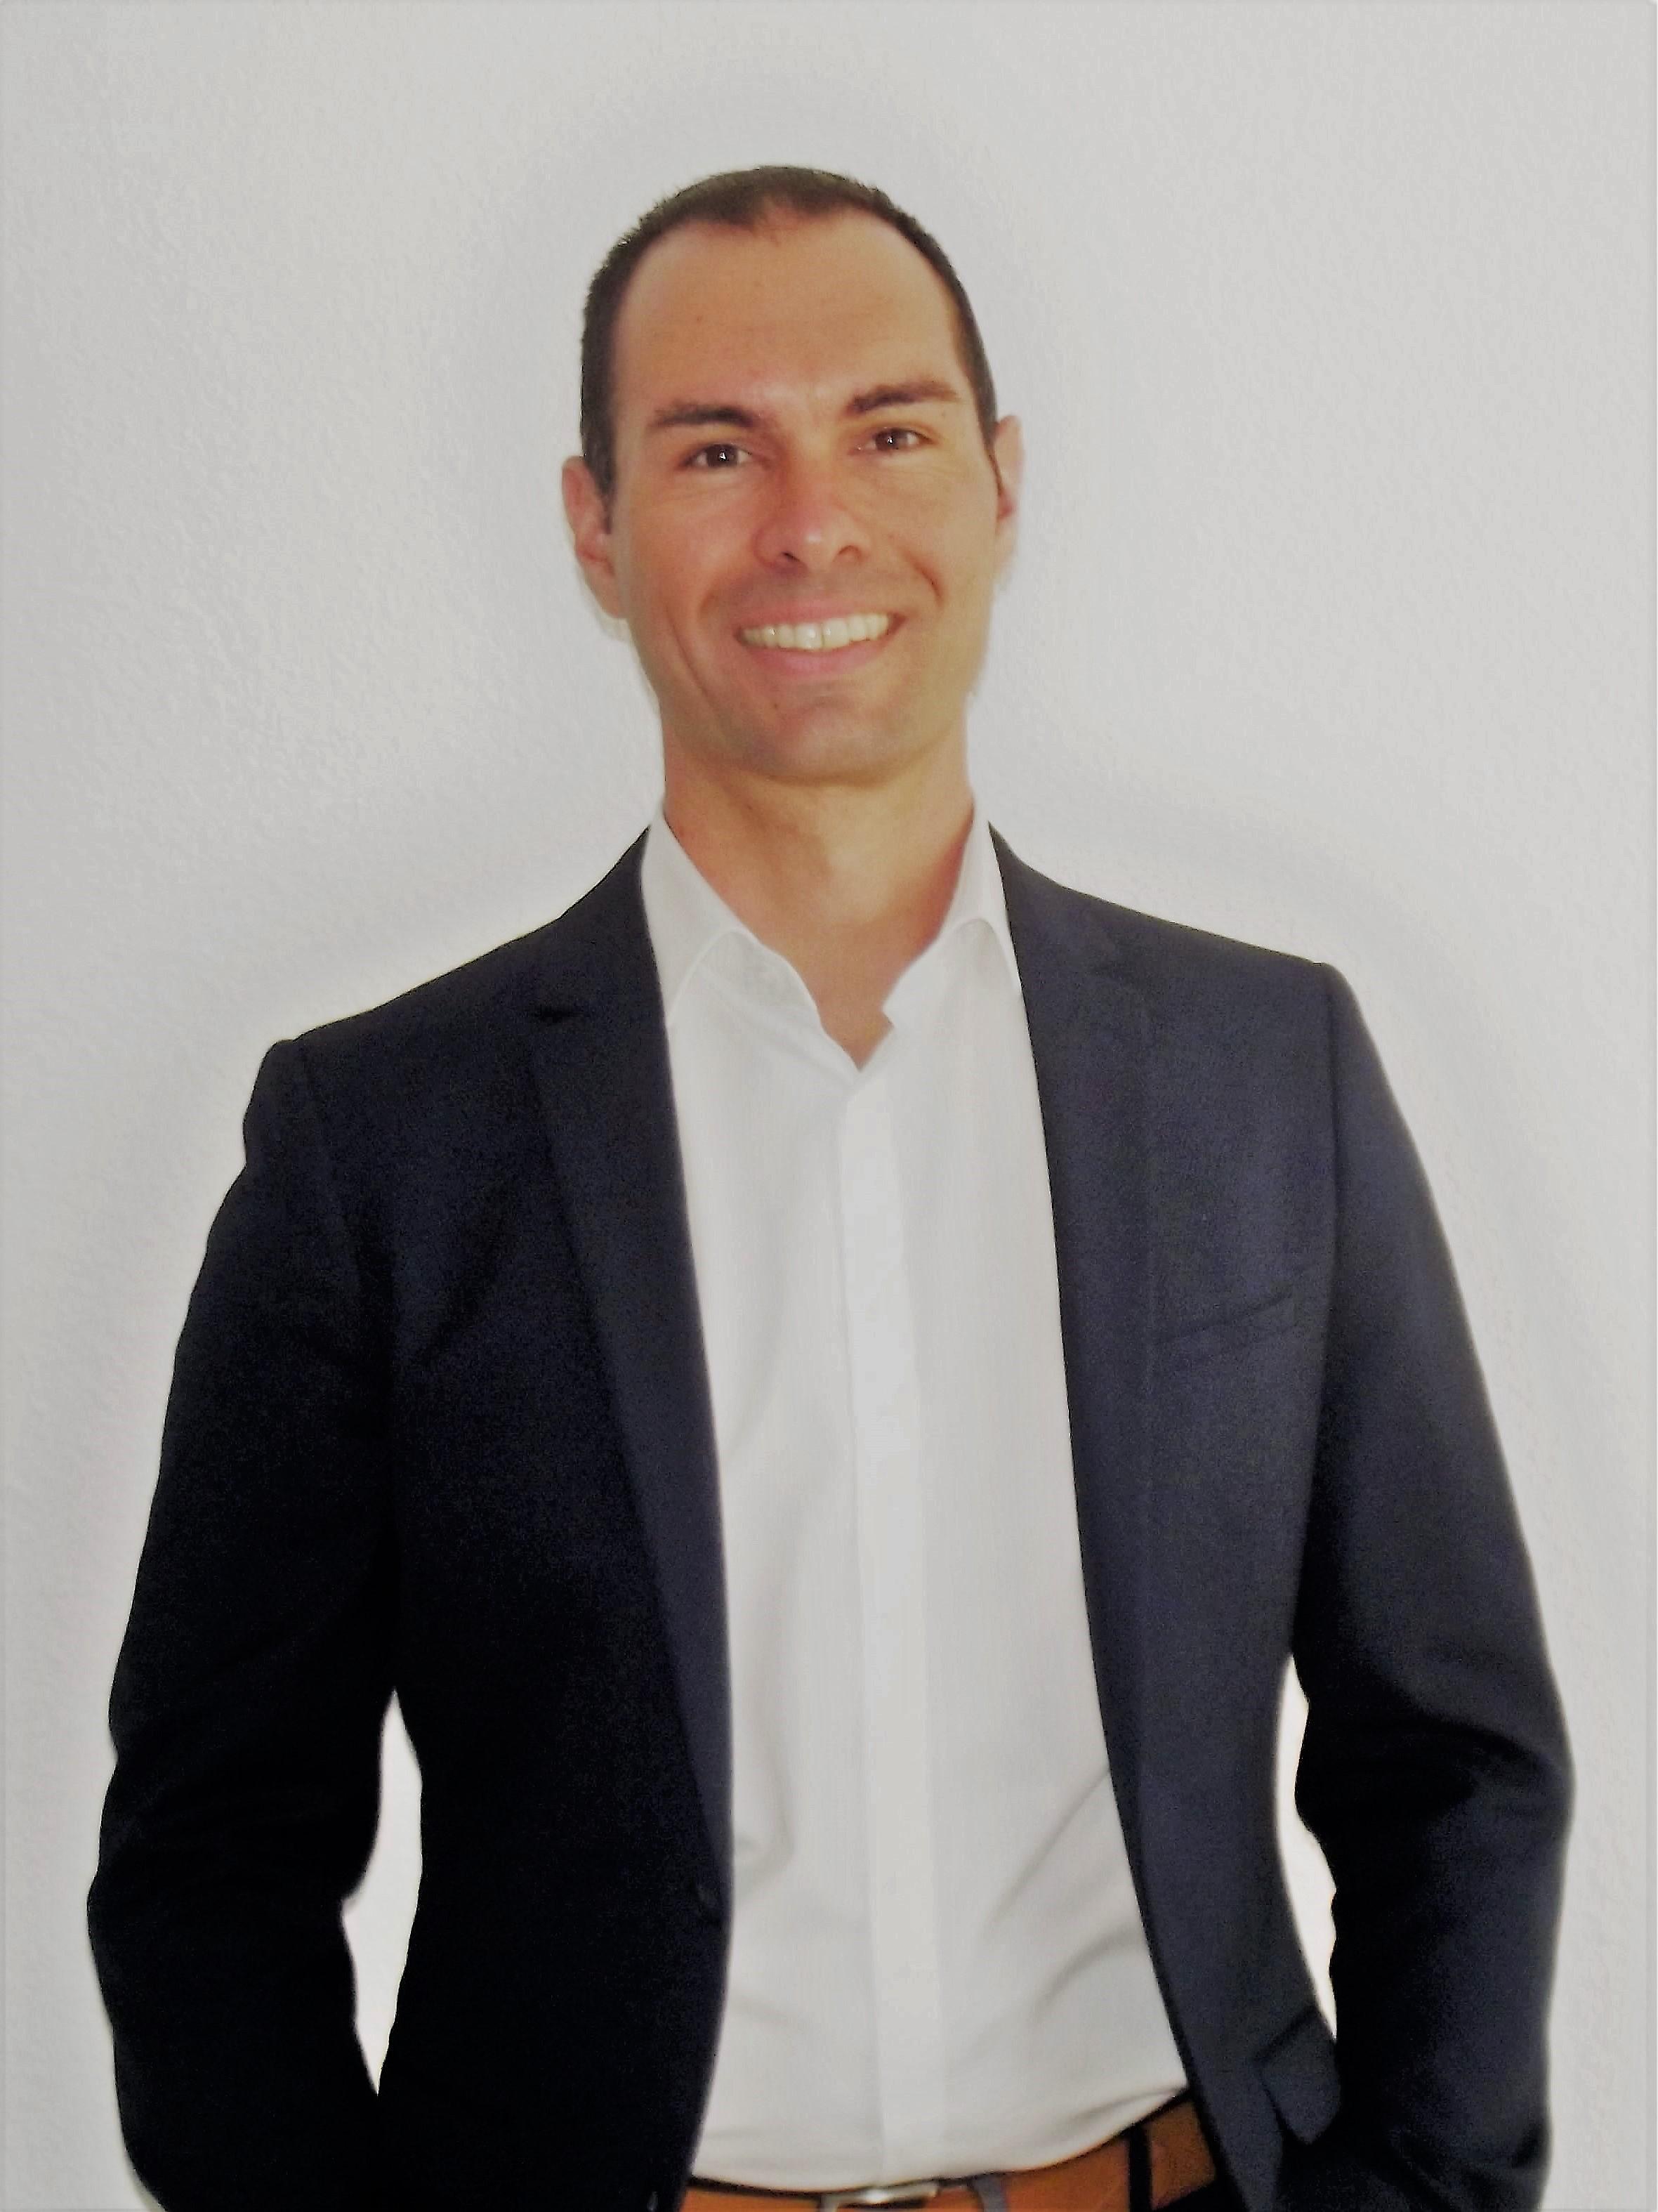 David Dessolis